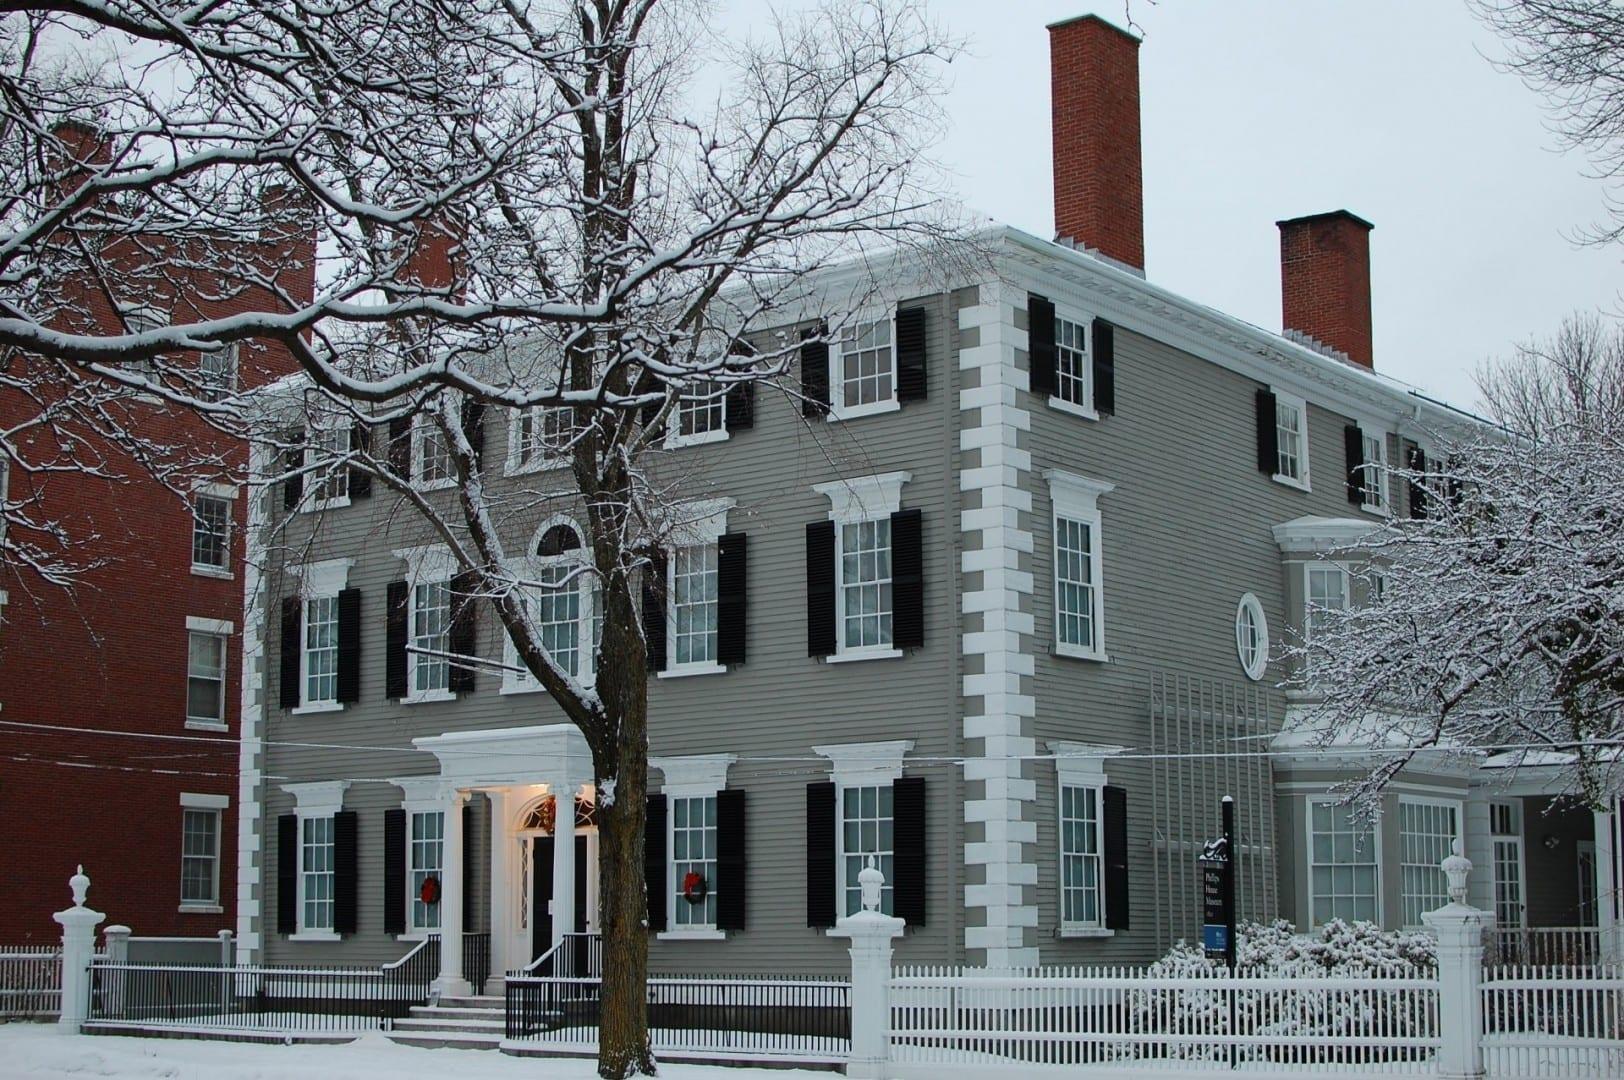 Ubicado en el Distrito Histórico Samuel McIntyre - 34 Chestnut Street por Samuel McIntire (1800) Salem MA Estados Unidos